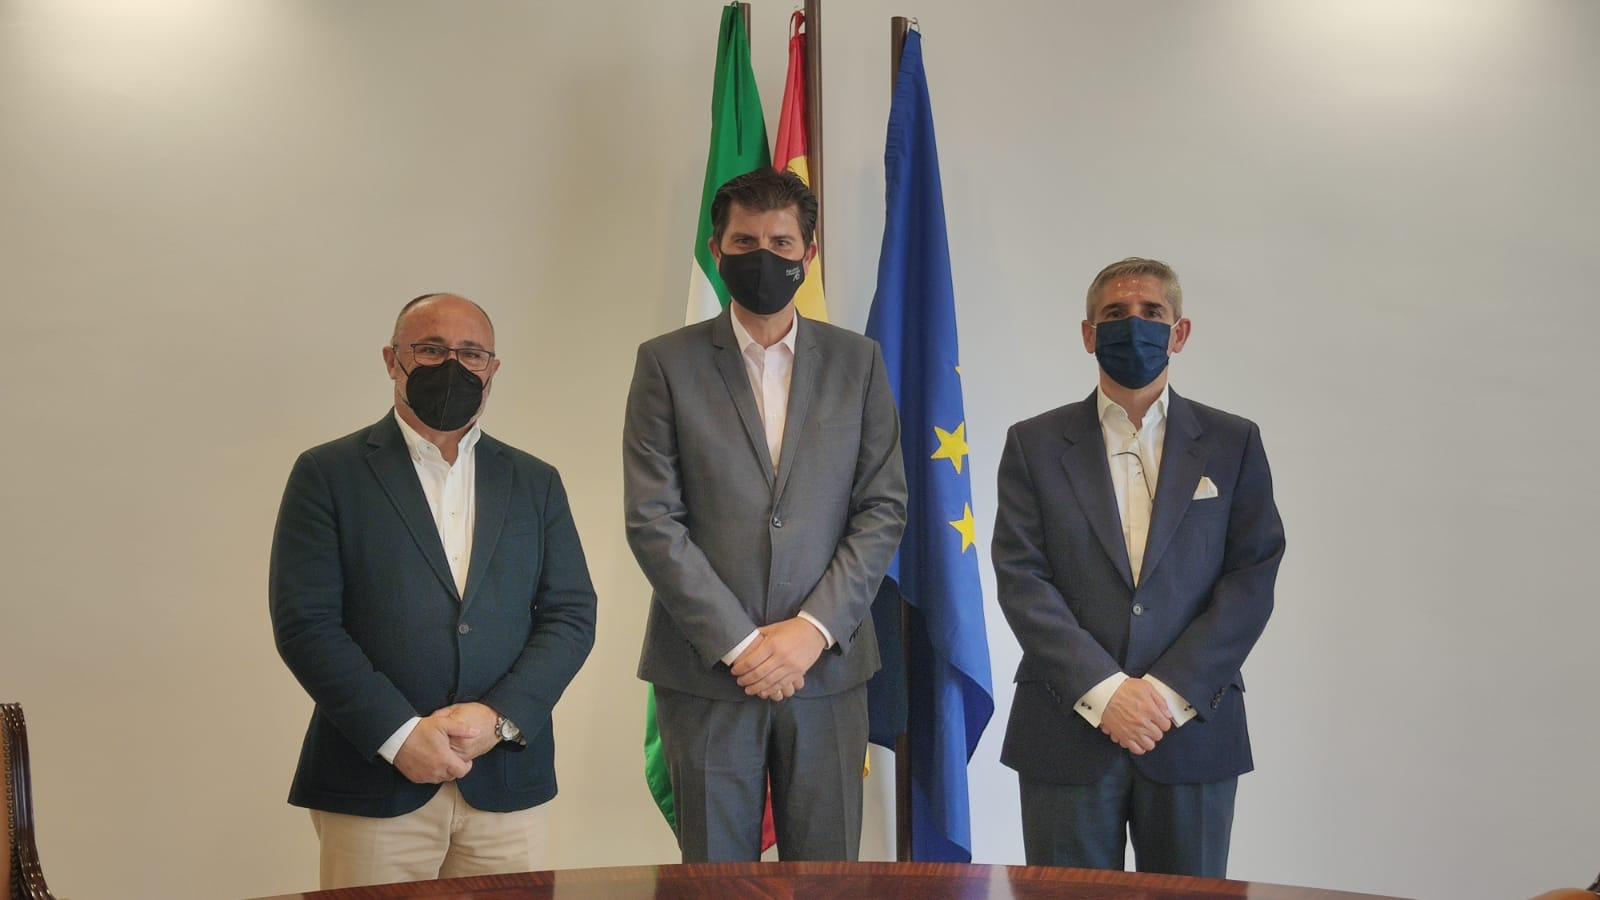 La Federación de Entidades Religiosas Evangélicas de España se une al programa Embajadores de Córdoba